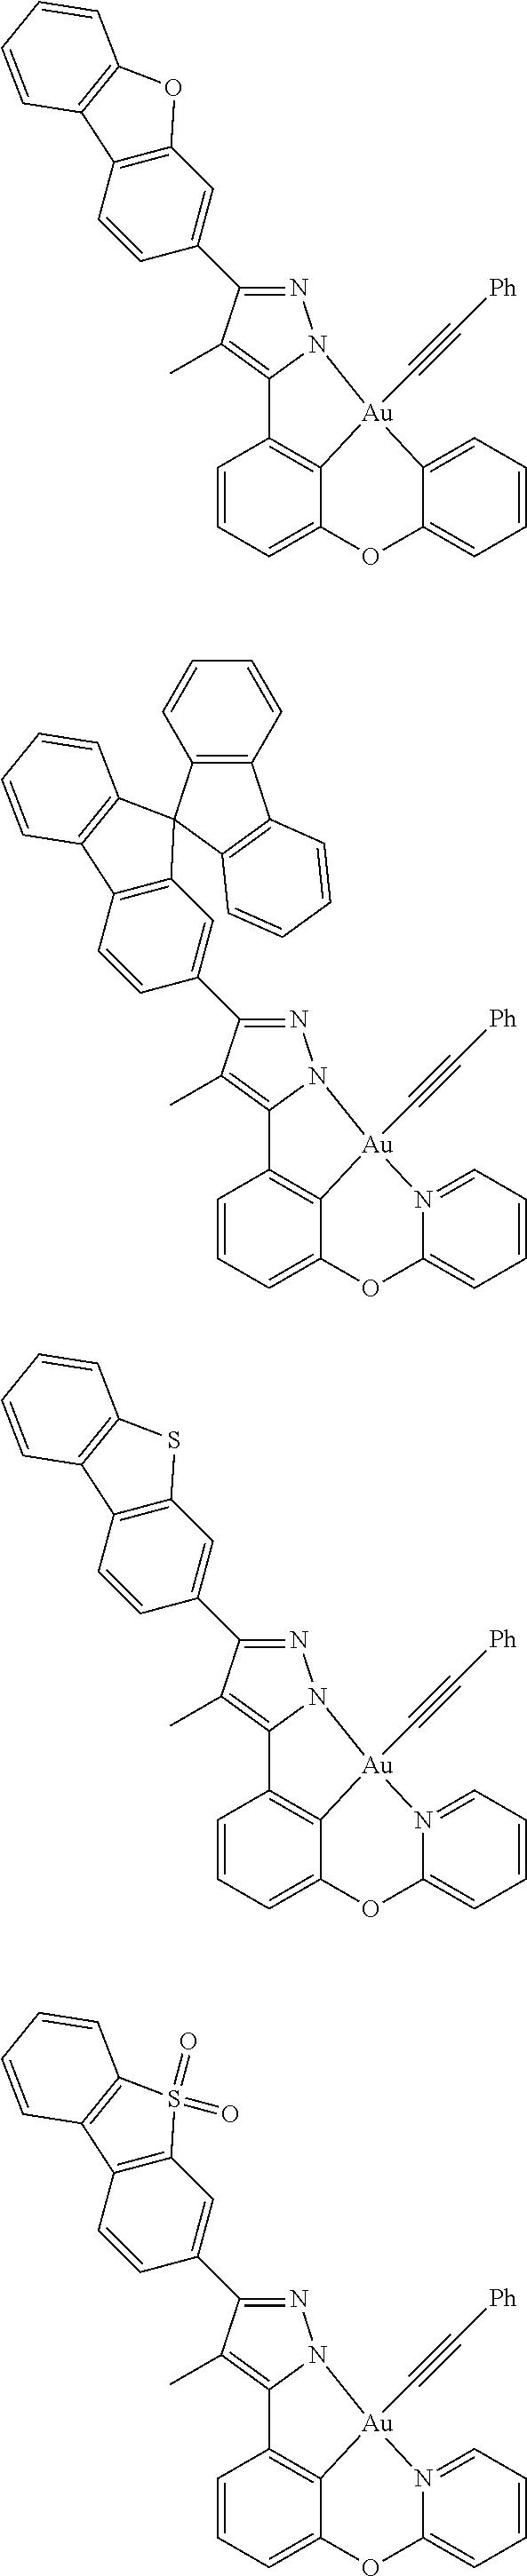 Figure US09818959-20171114-C00218